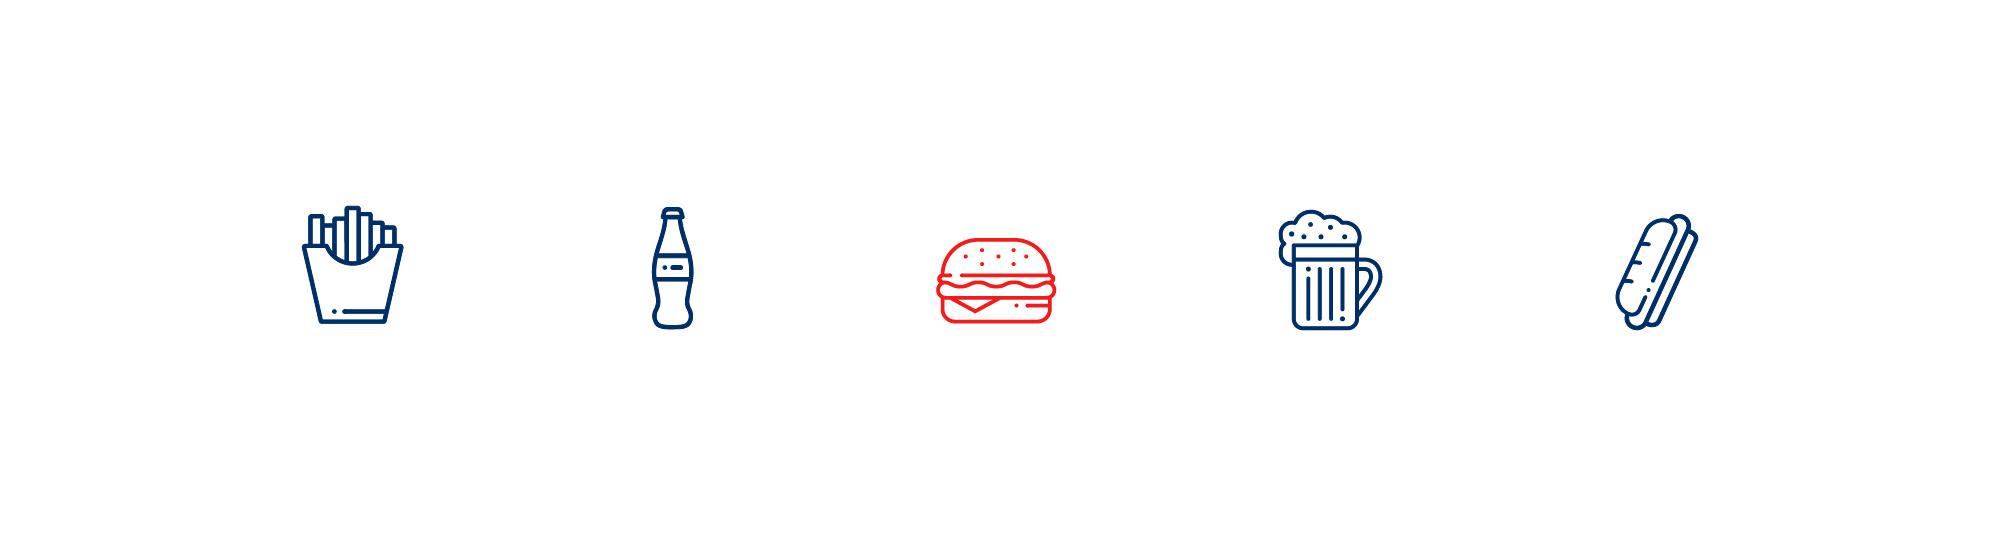 iconos corporativos de la nueva marca